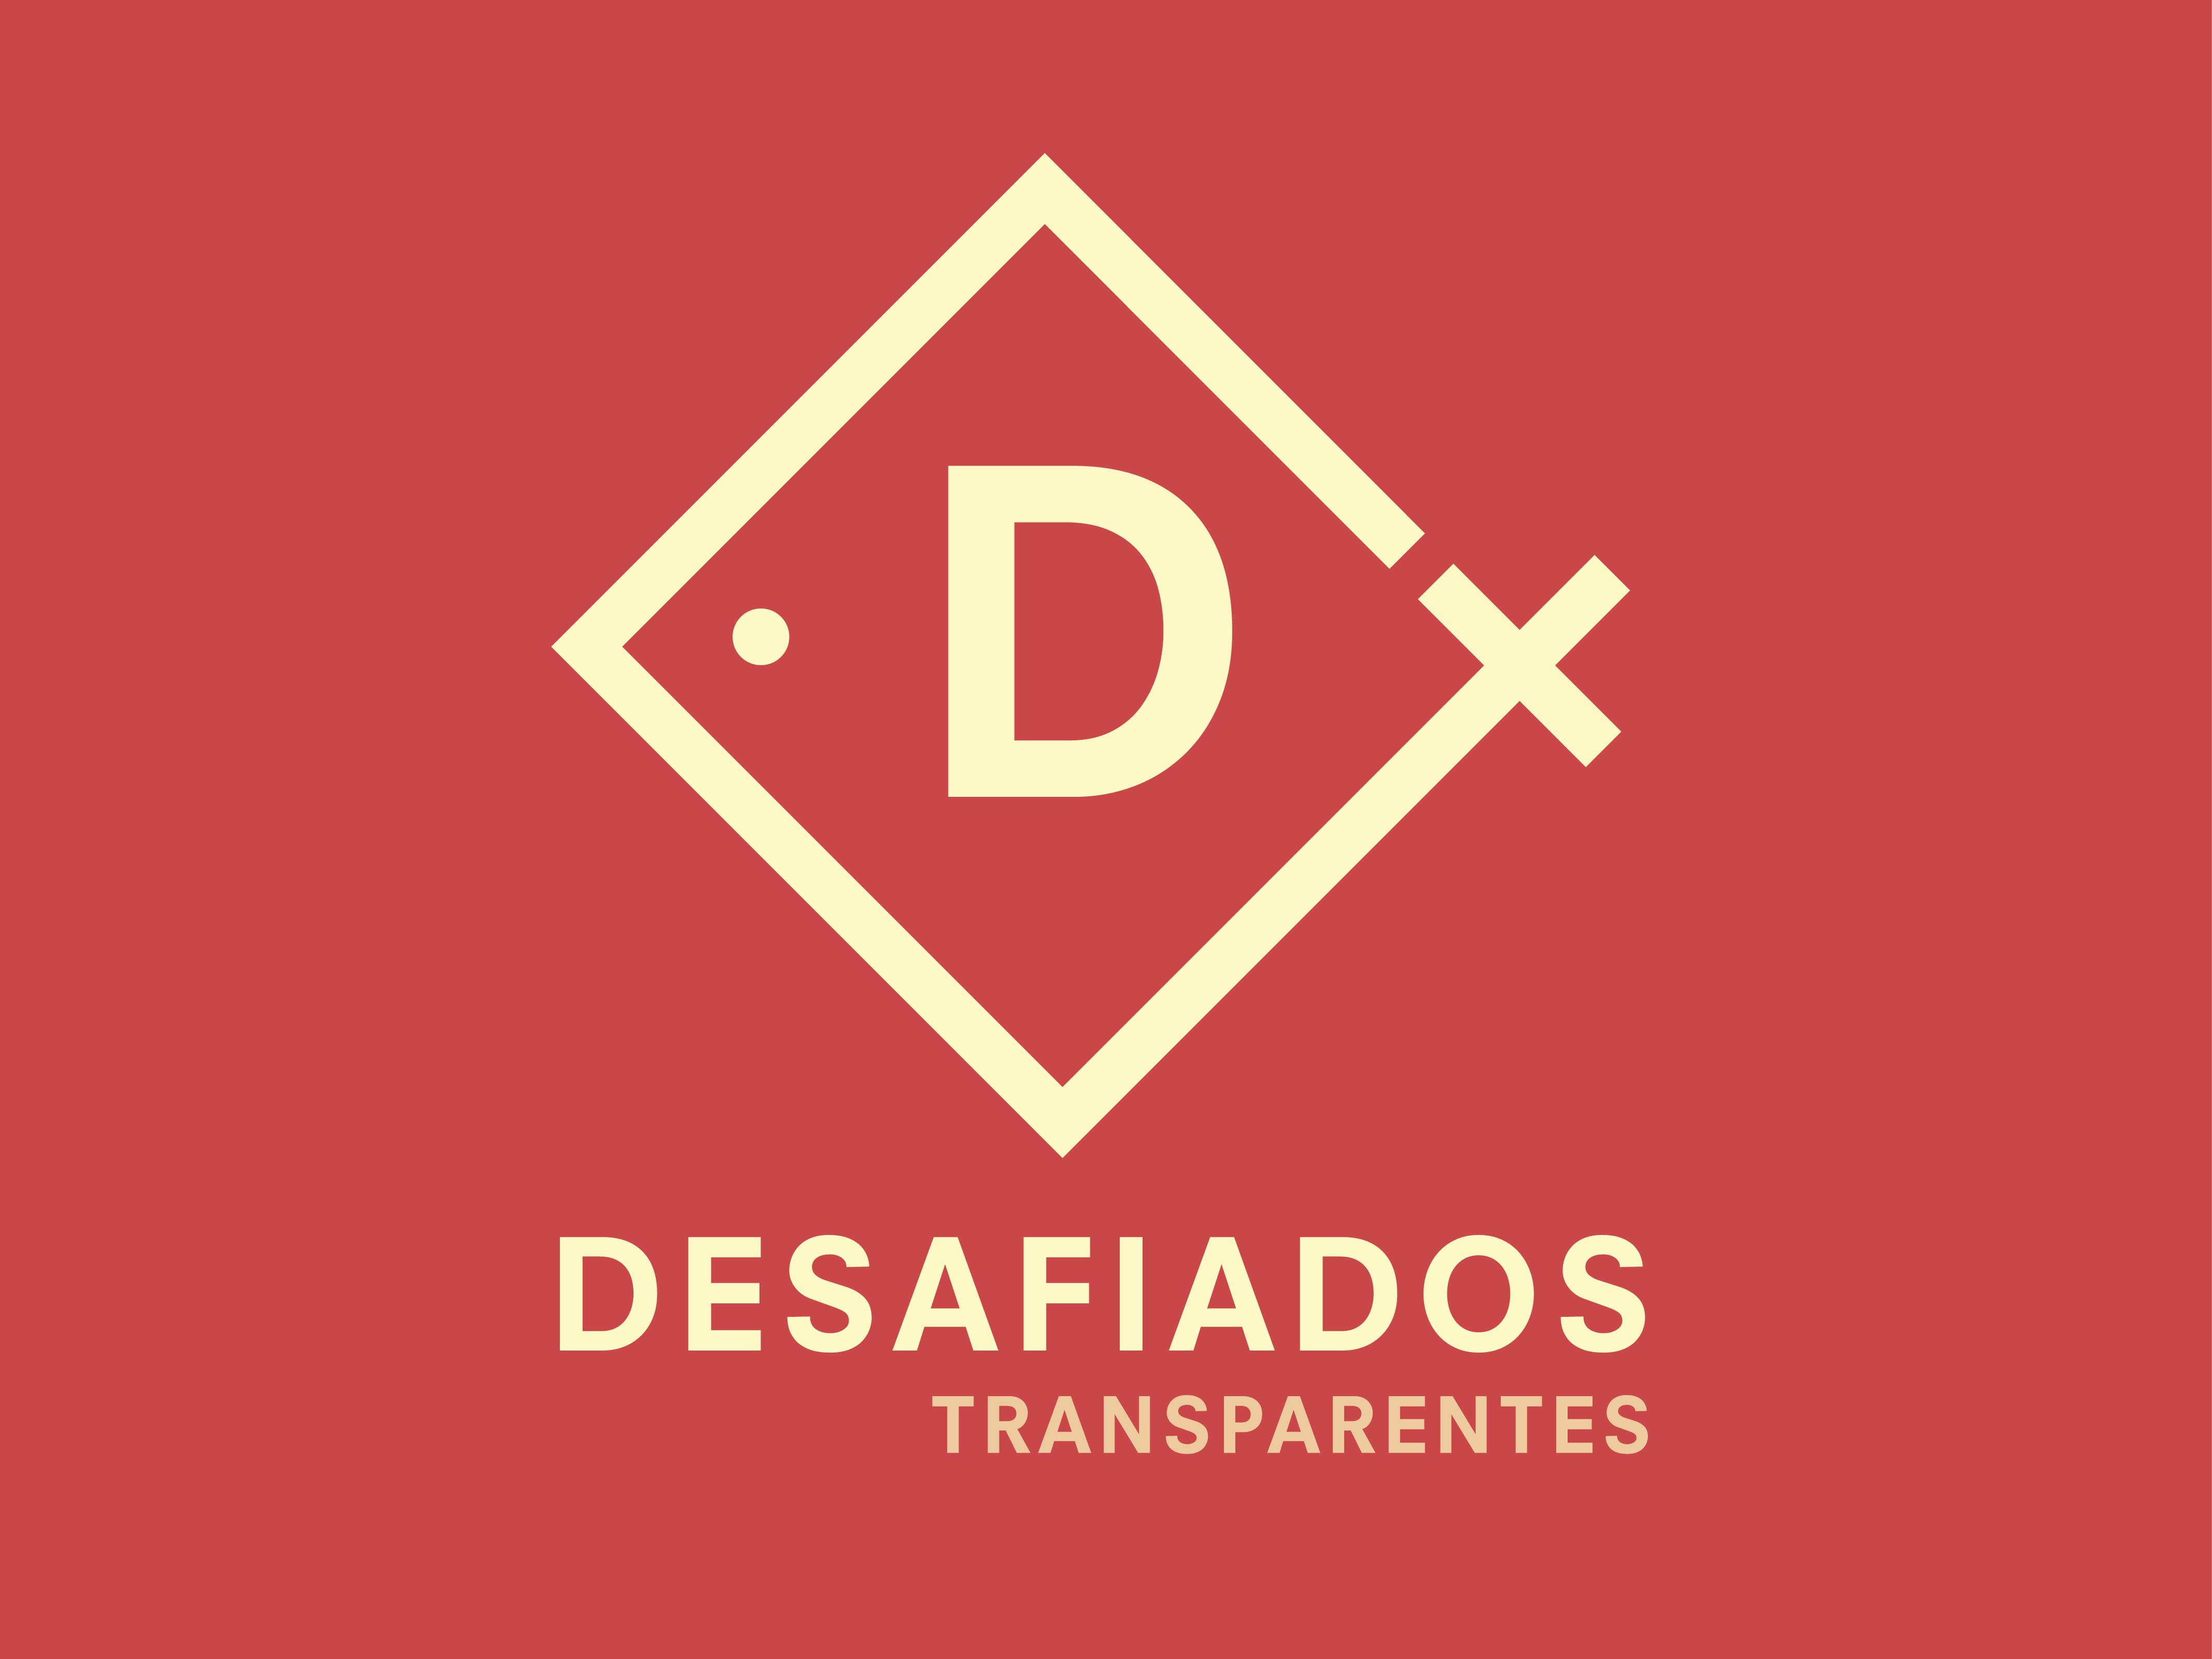 Desafiados-03